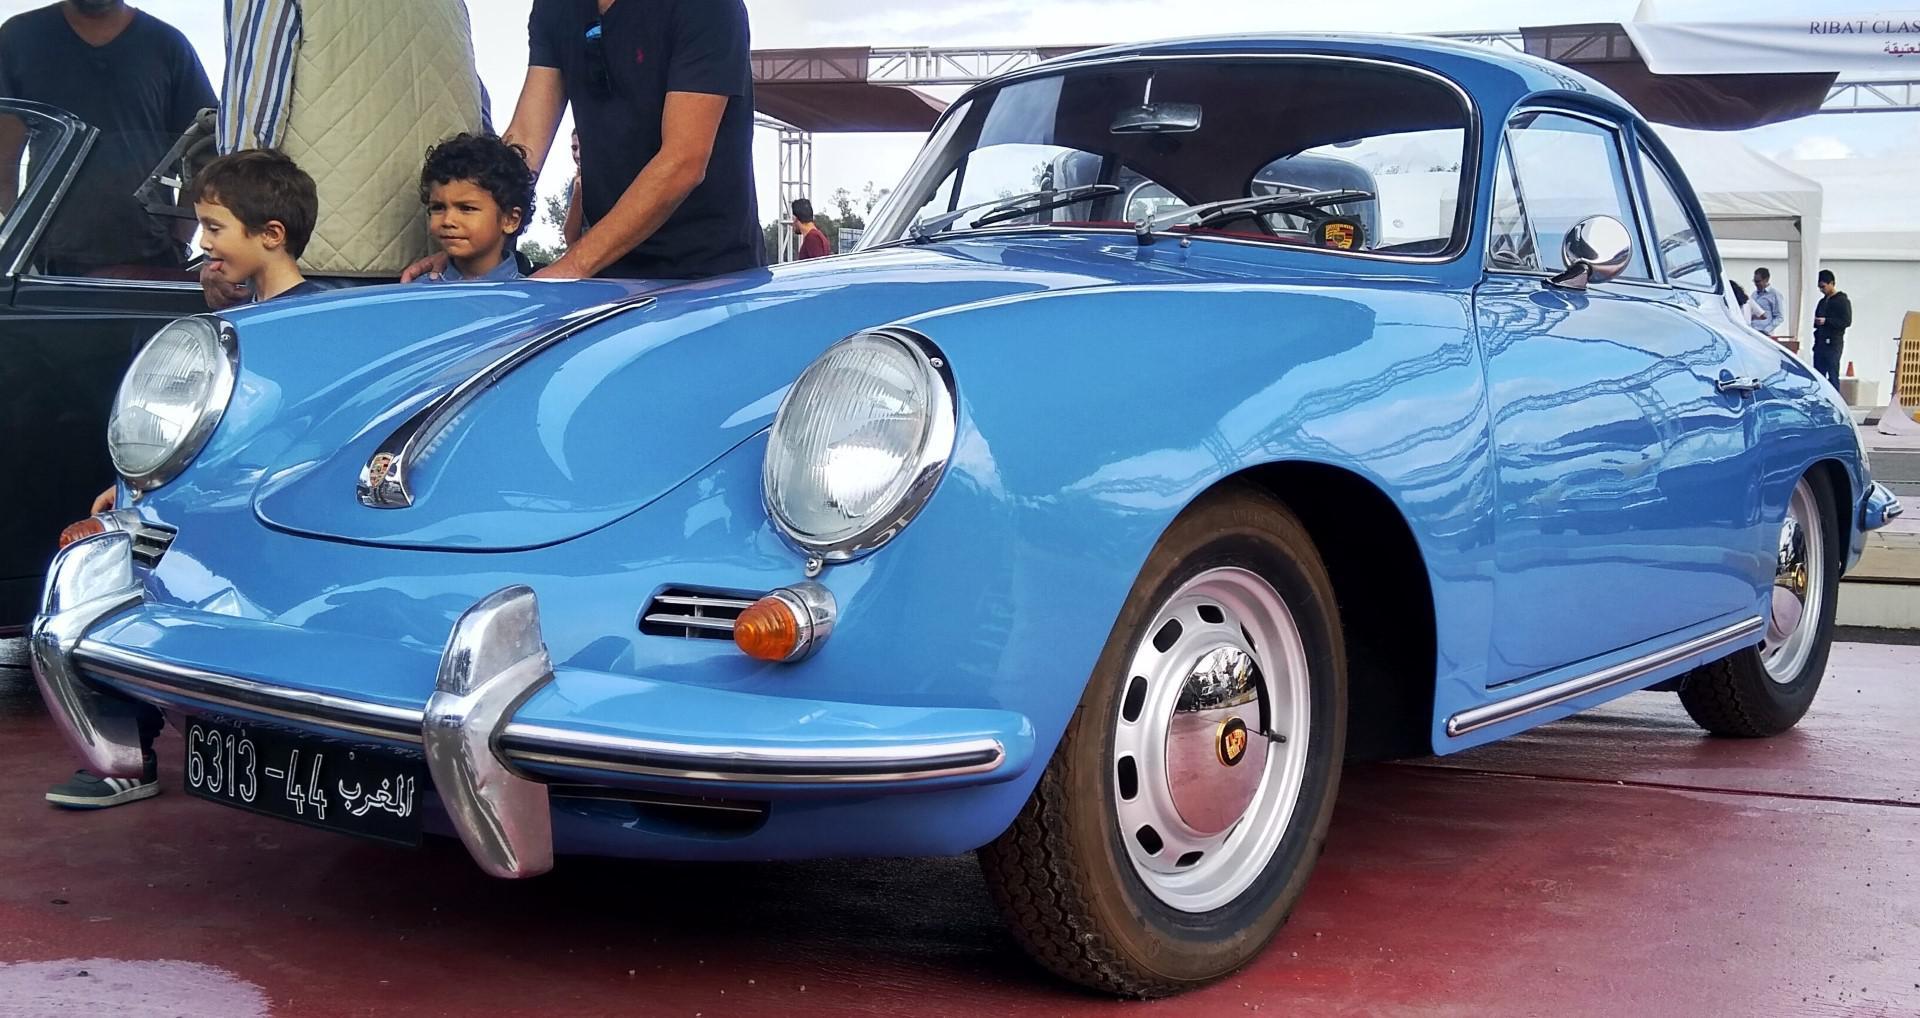 les-voitures-de-sports-du-classic-cars-expo-2019-1137-12.jpg